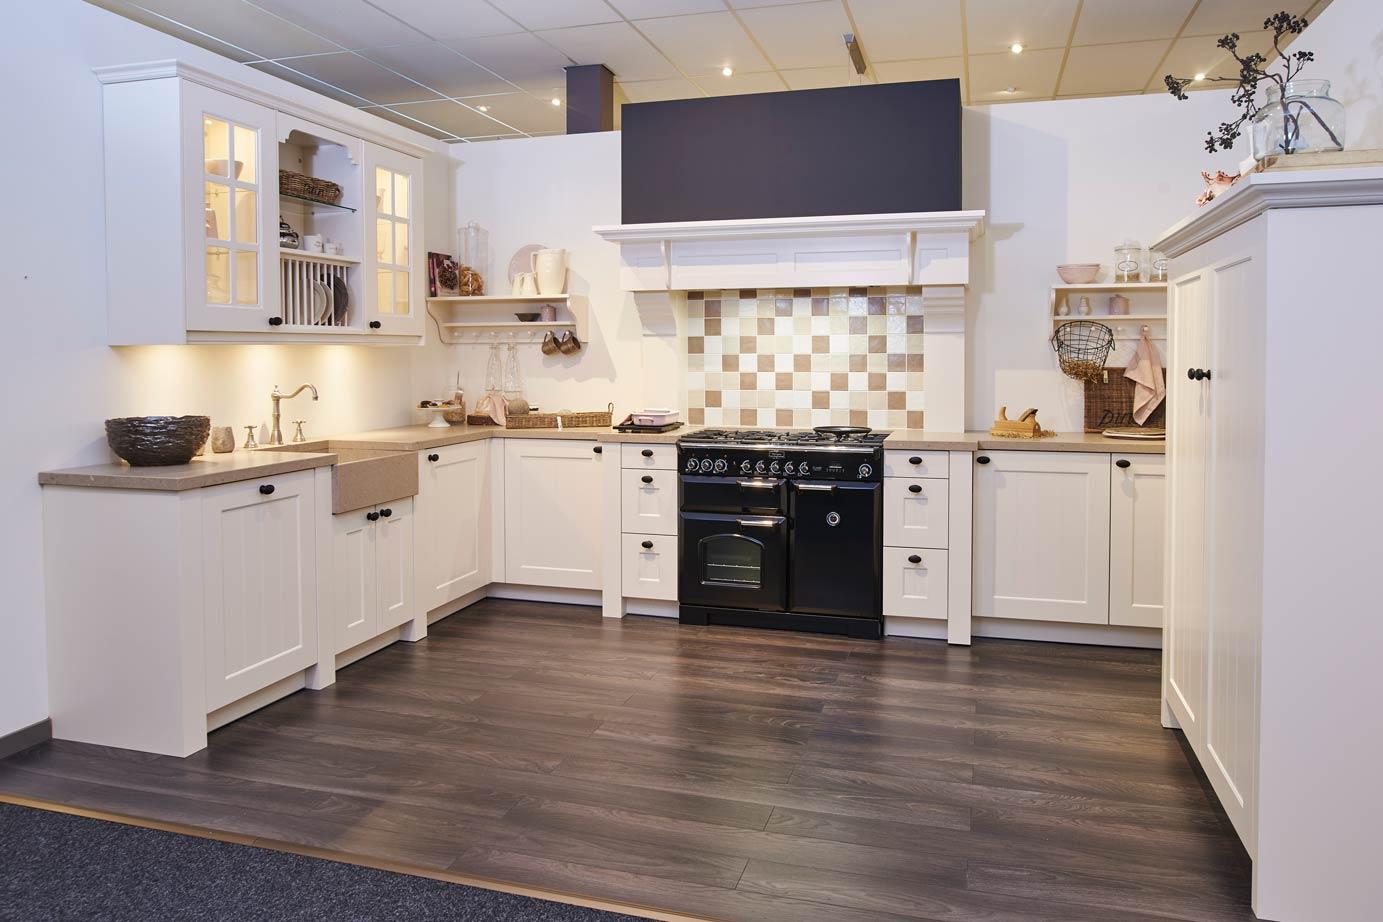 Landelijke Keuken Falcon : Grote landelijke keuken met Falcon fornuis DB Keukens